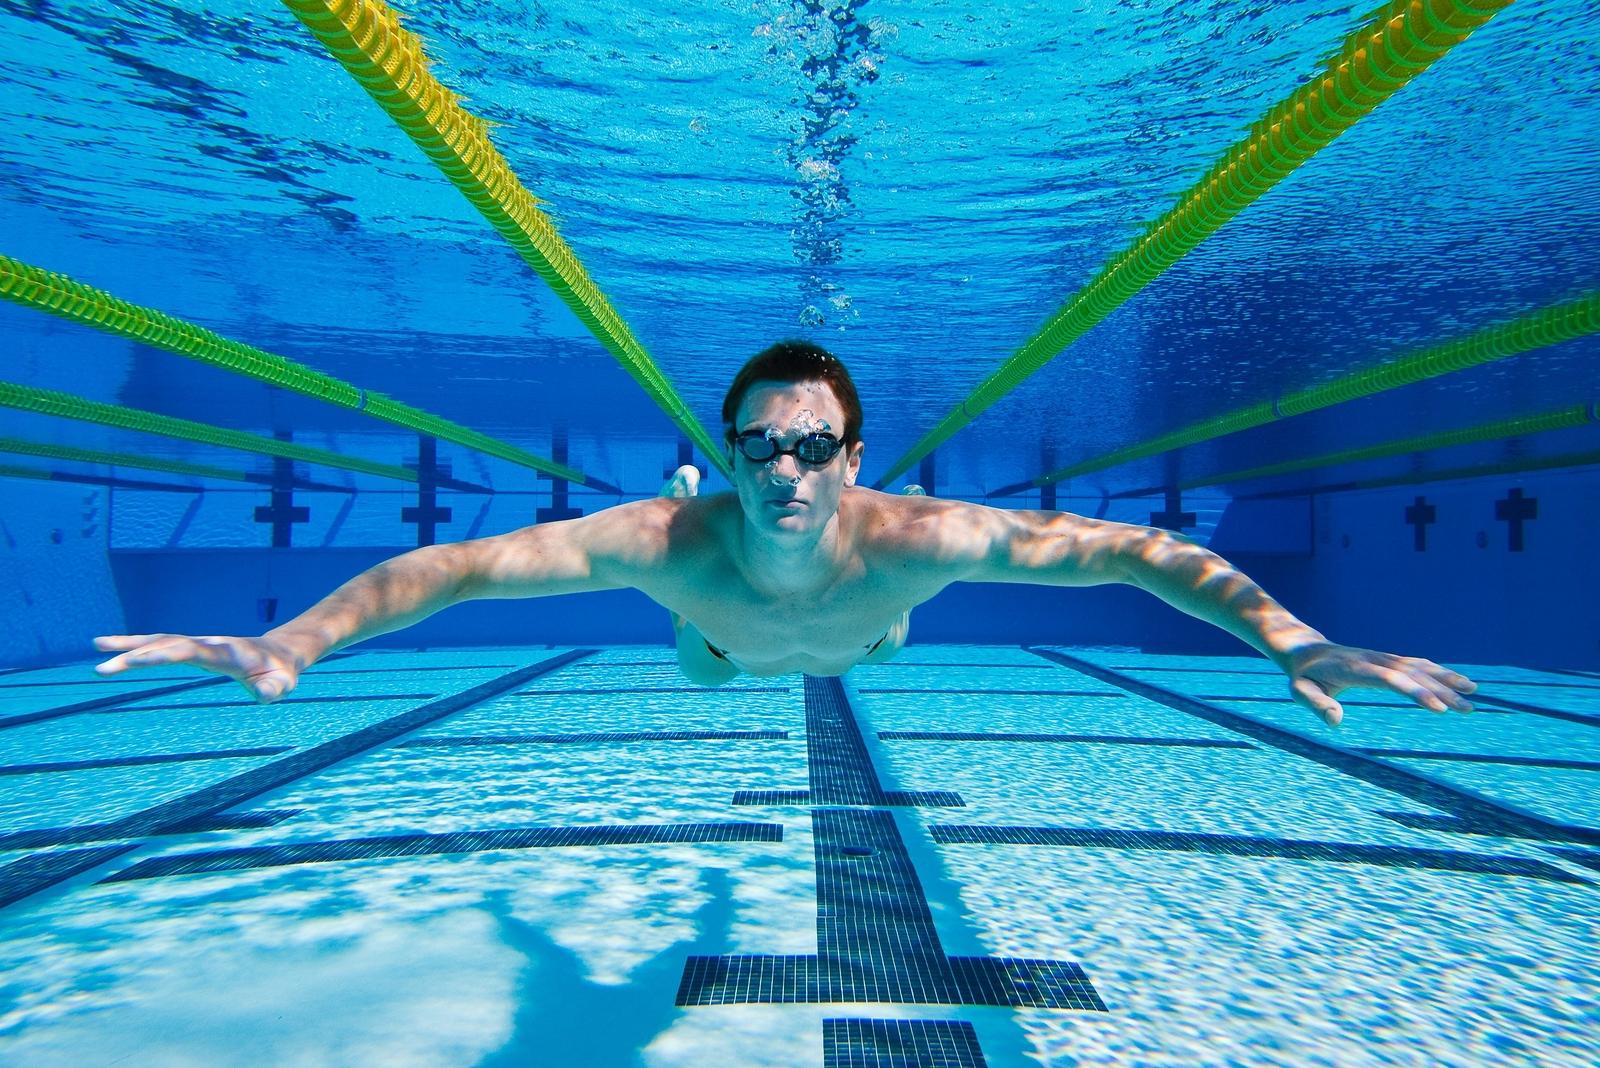 Акция в бассейне на Соломенке